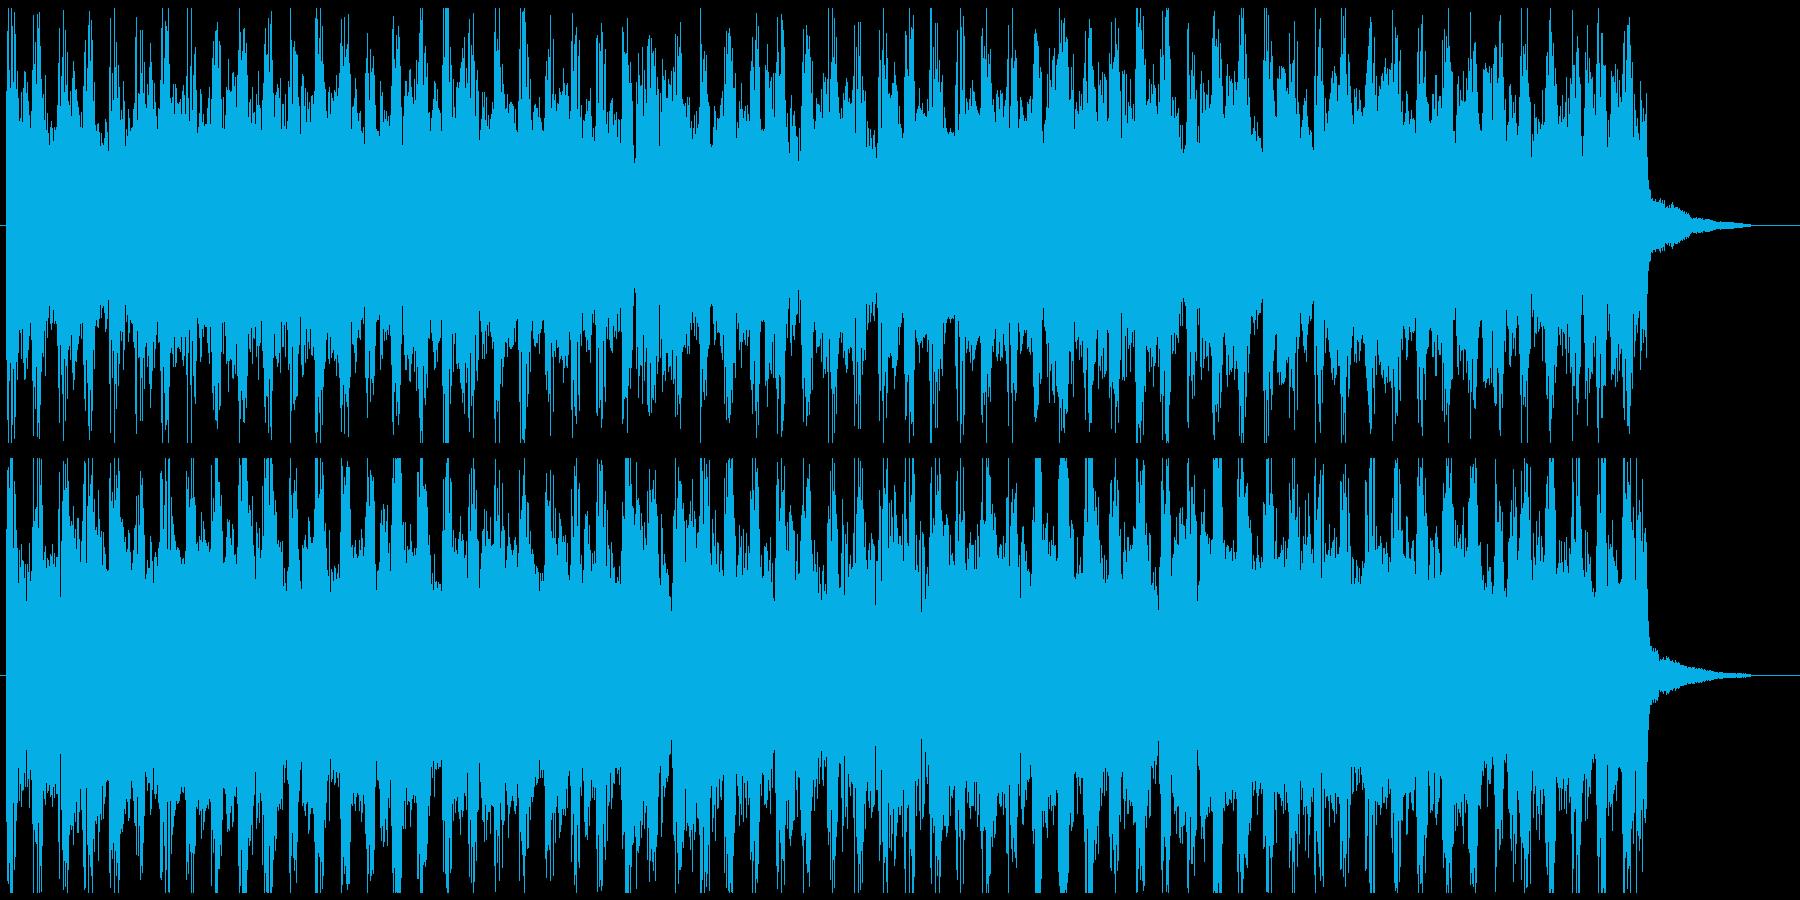 企業VP爽やかなポップ4つ打ち2 30秒の再生済みの波形